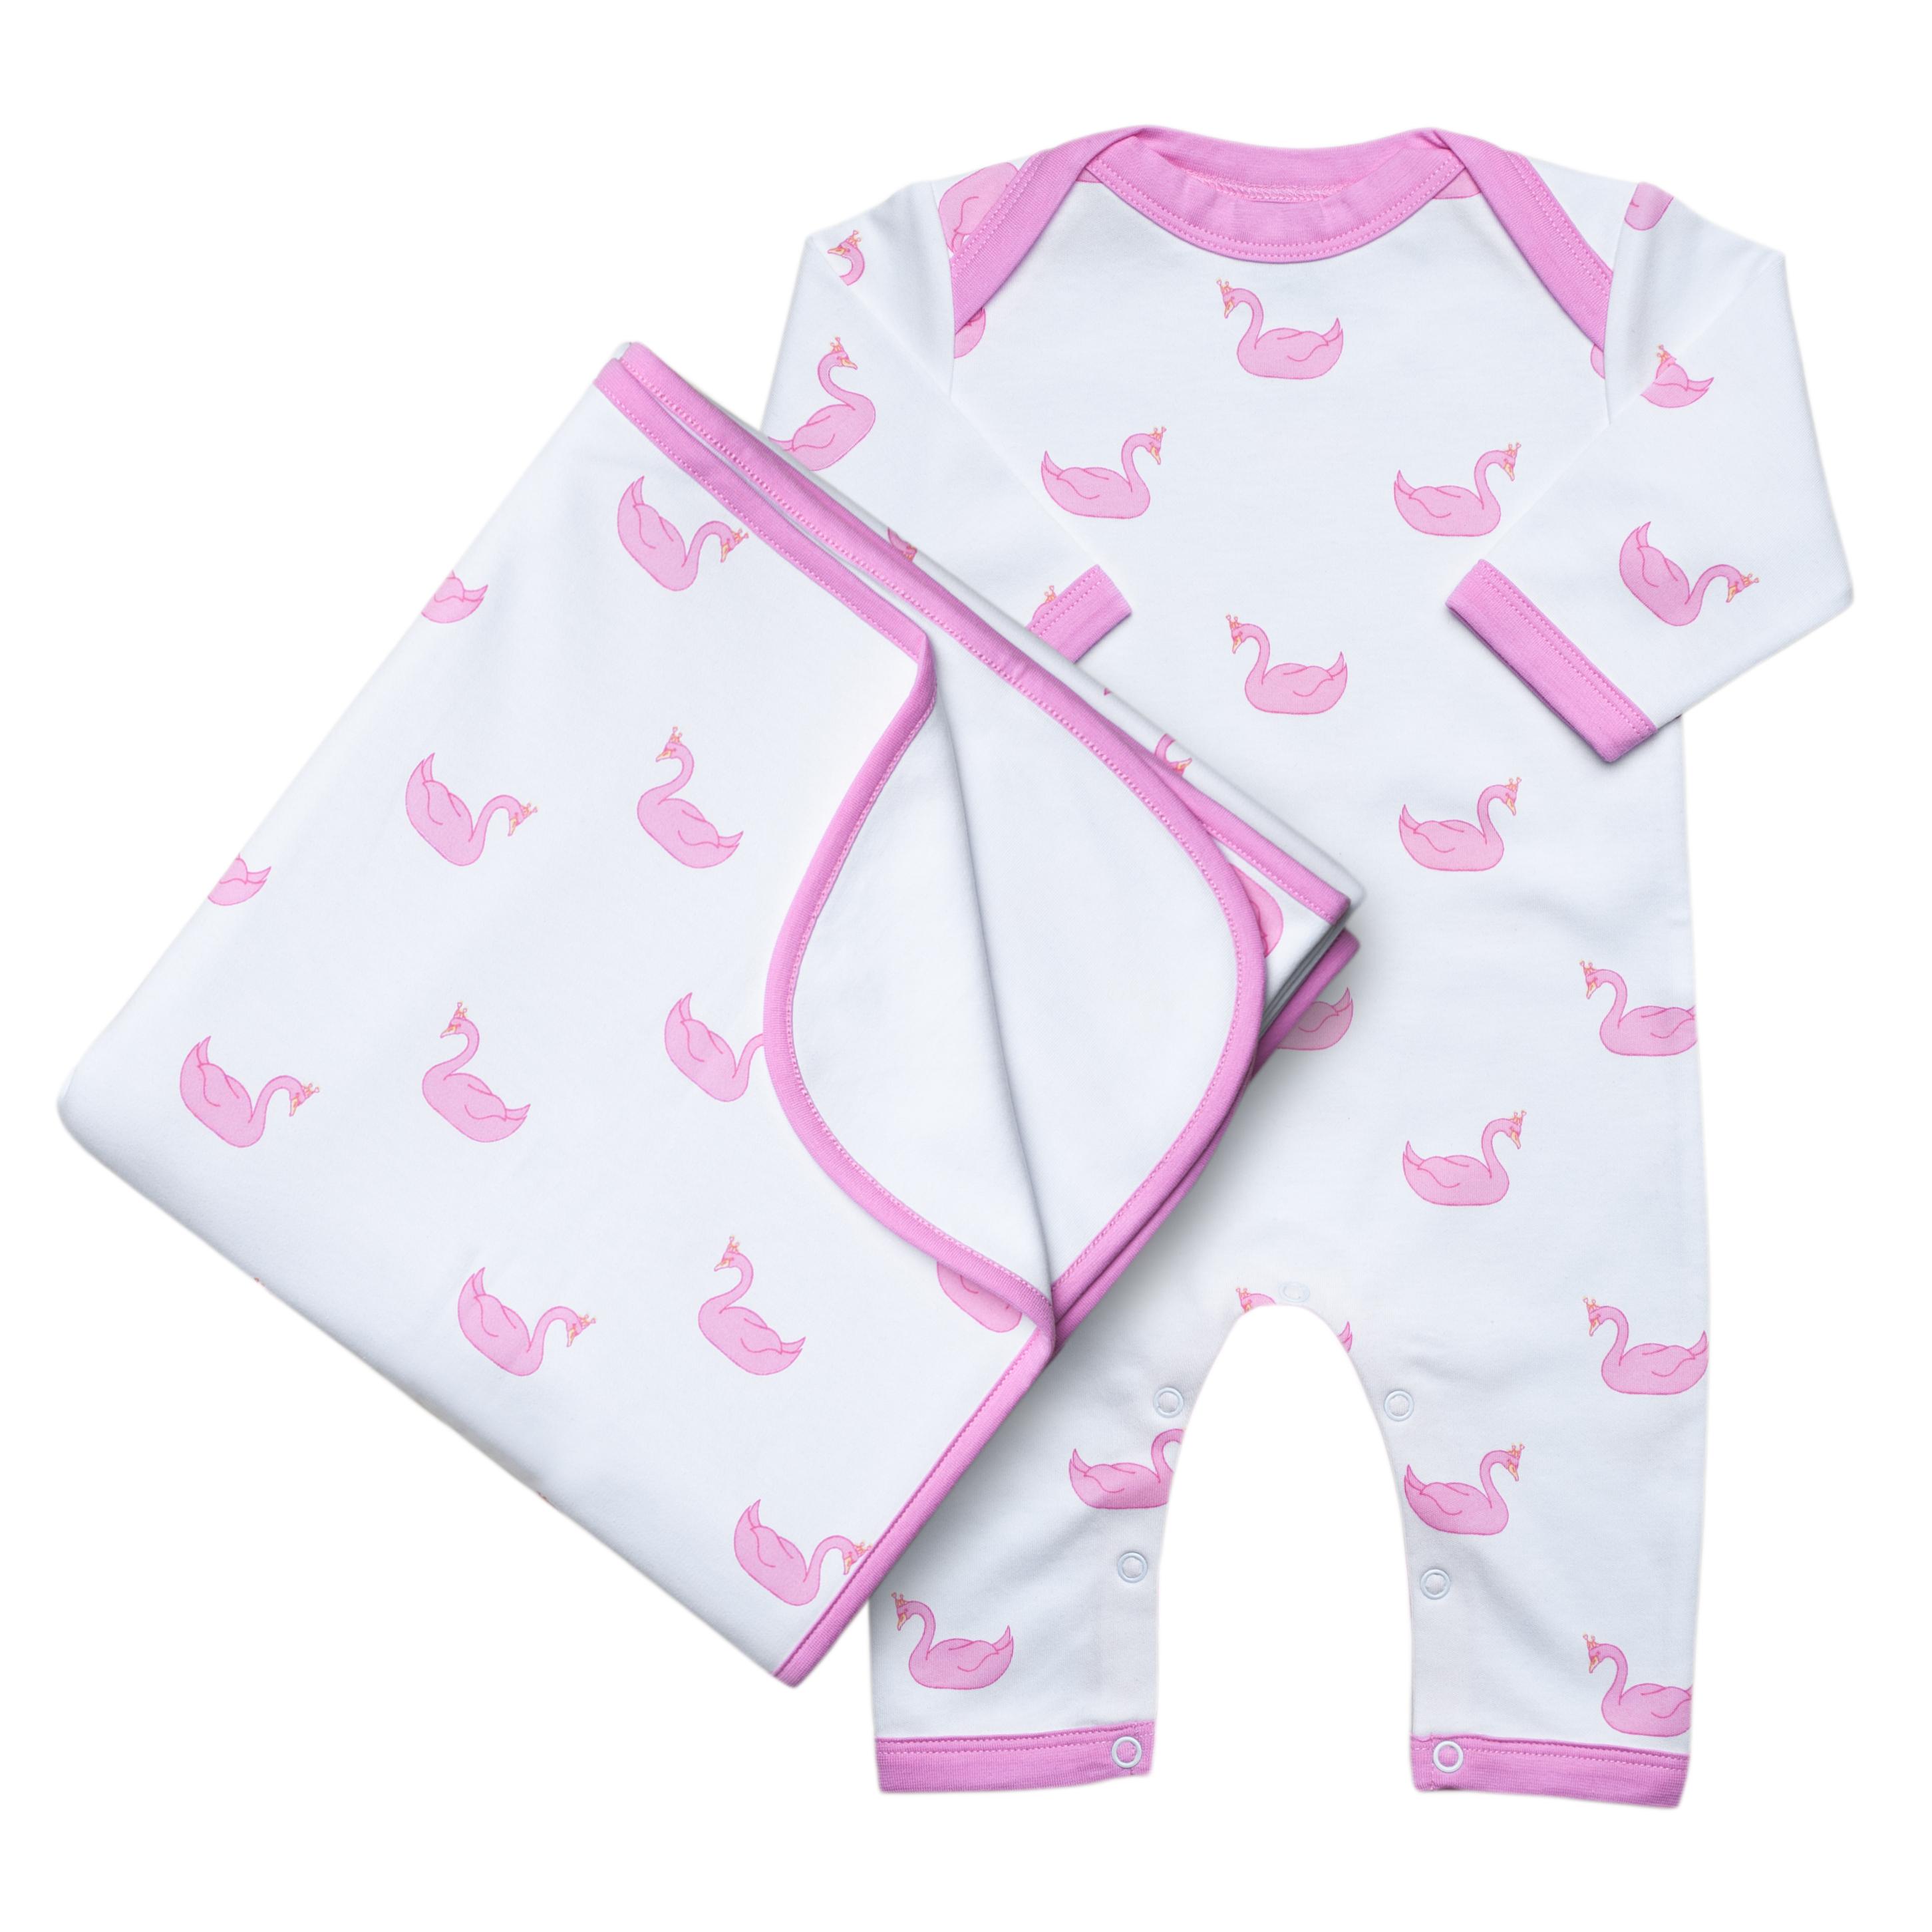 swan-sleepsuit-and-blanket-pixie-dixie